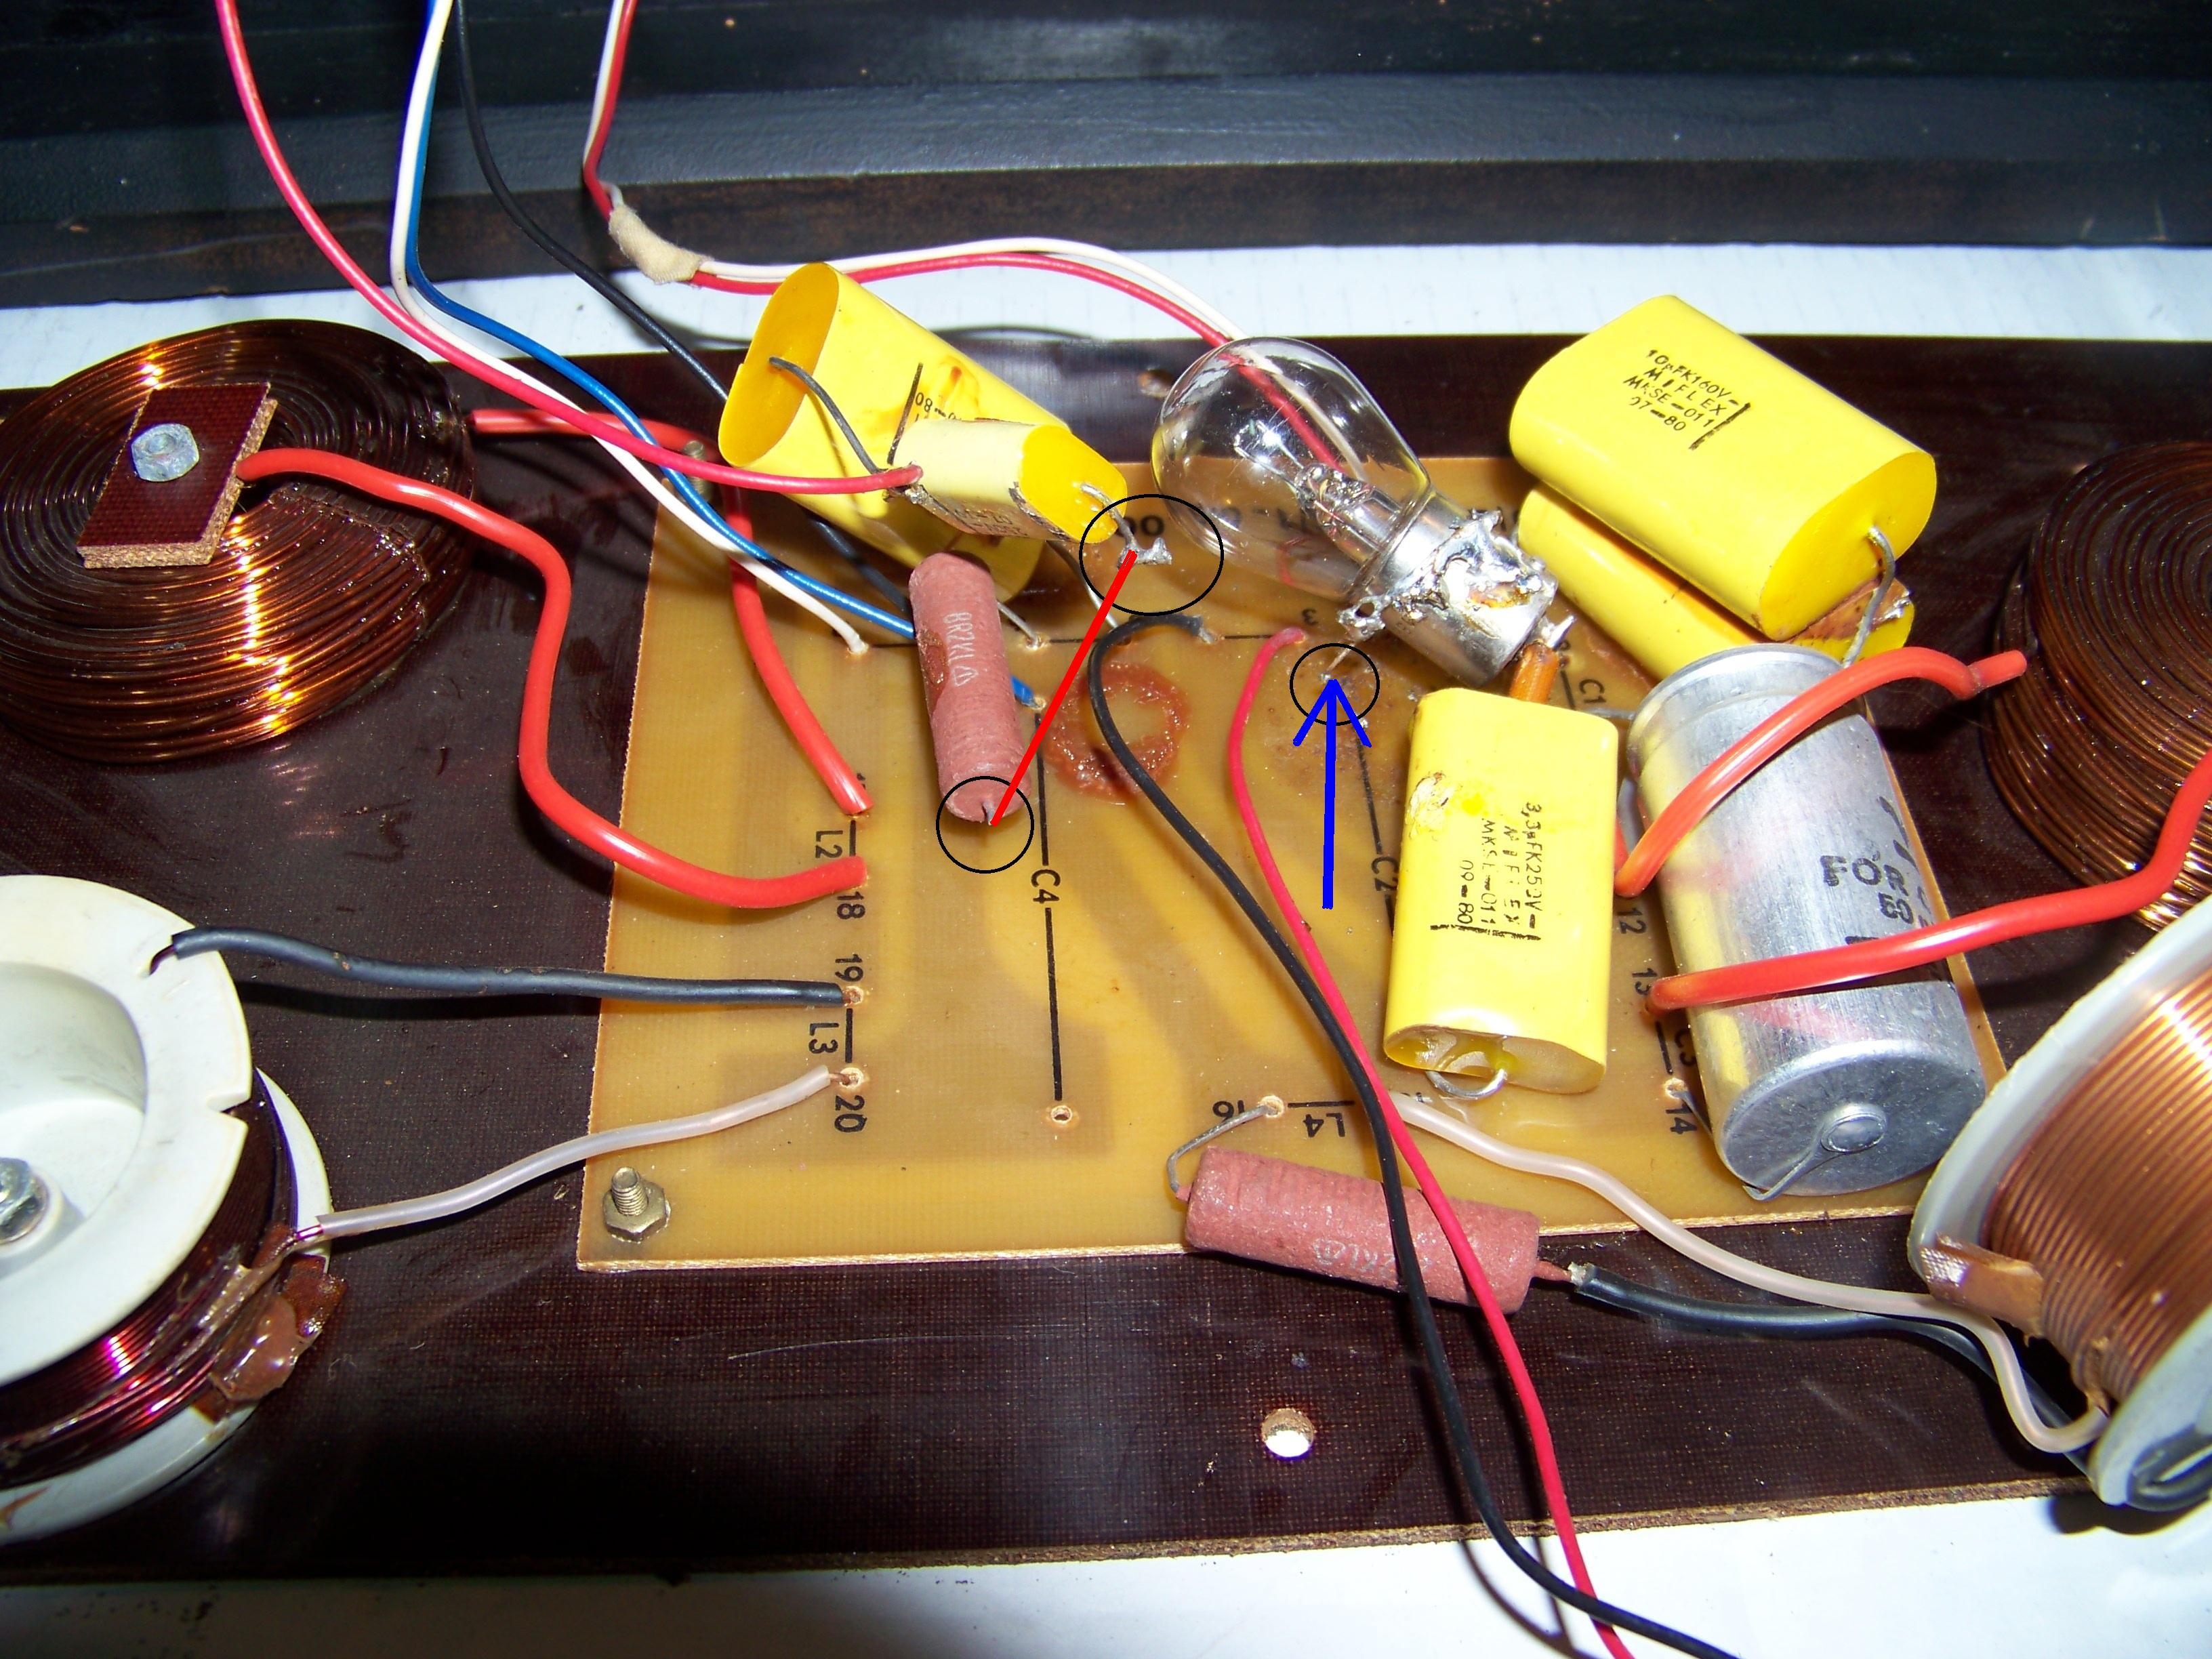 ZG60c201 schemat zwrotnicy, g�o�nik niskotonowy